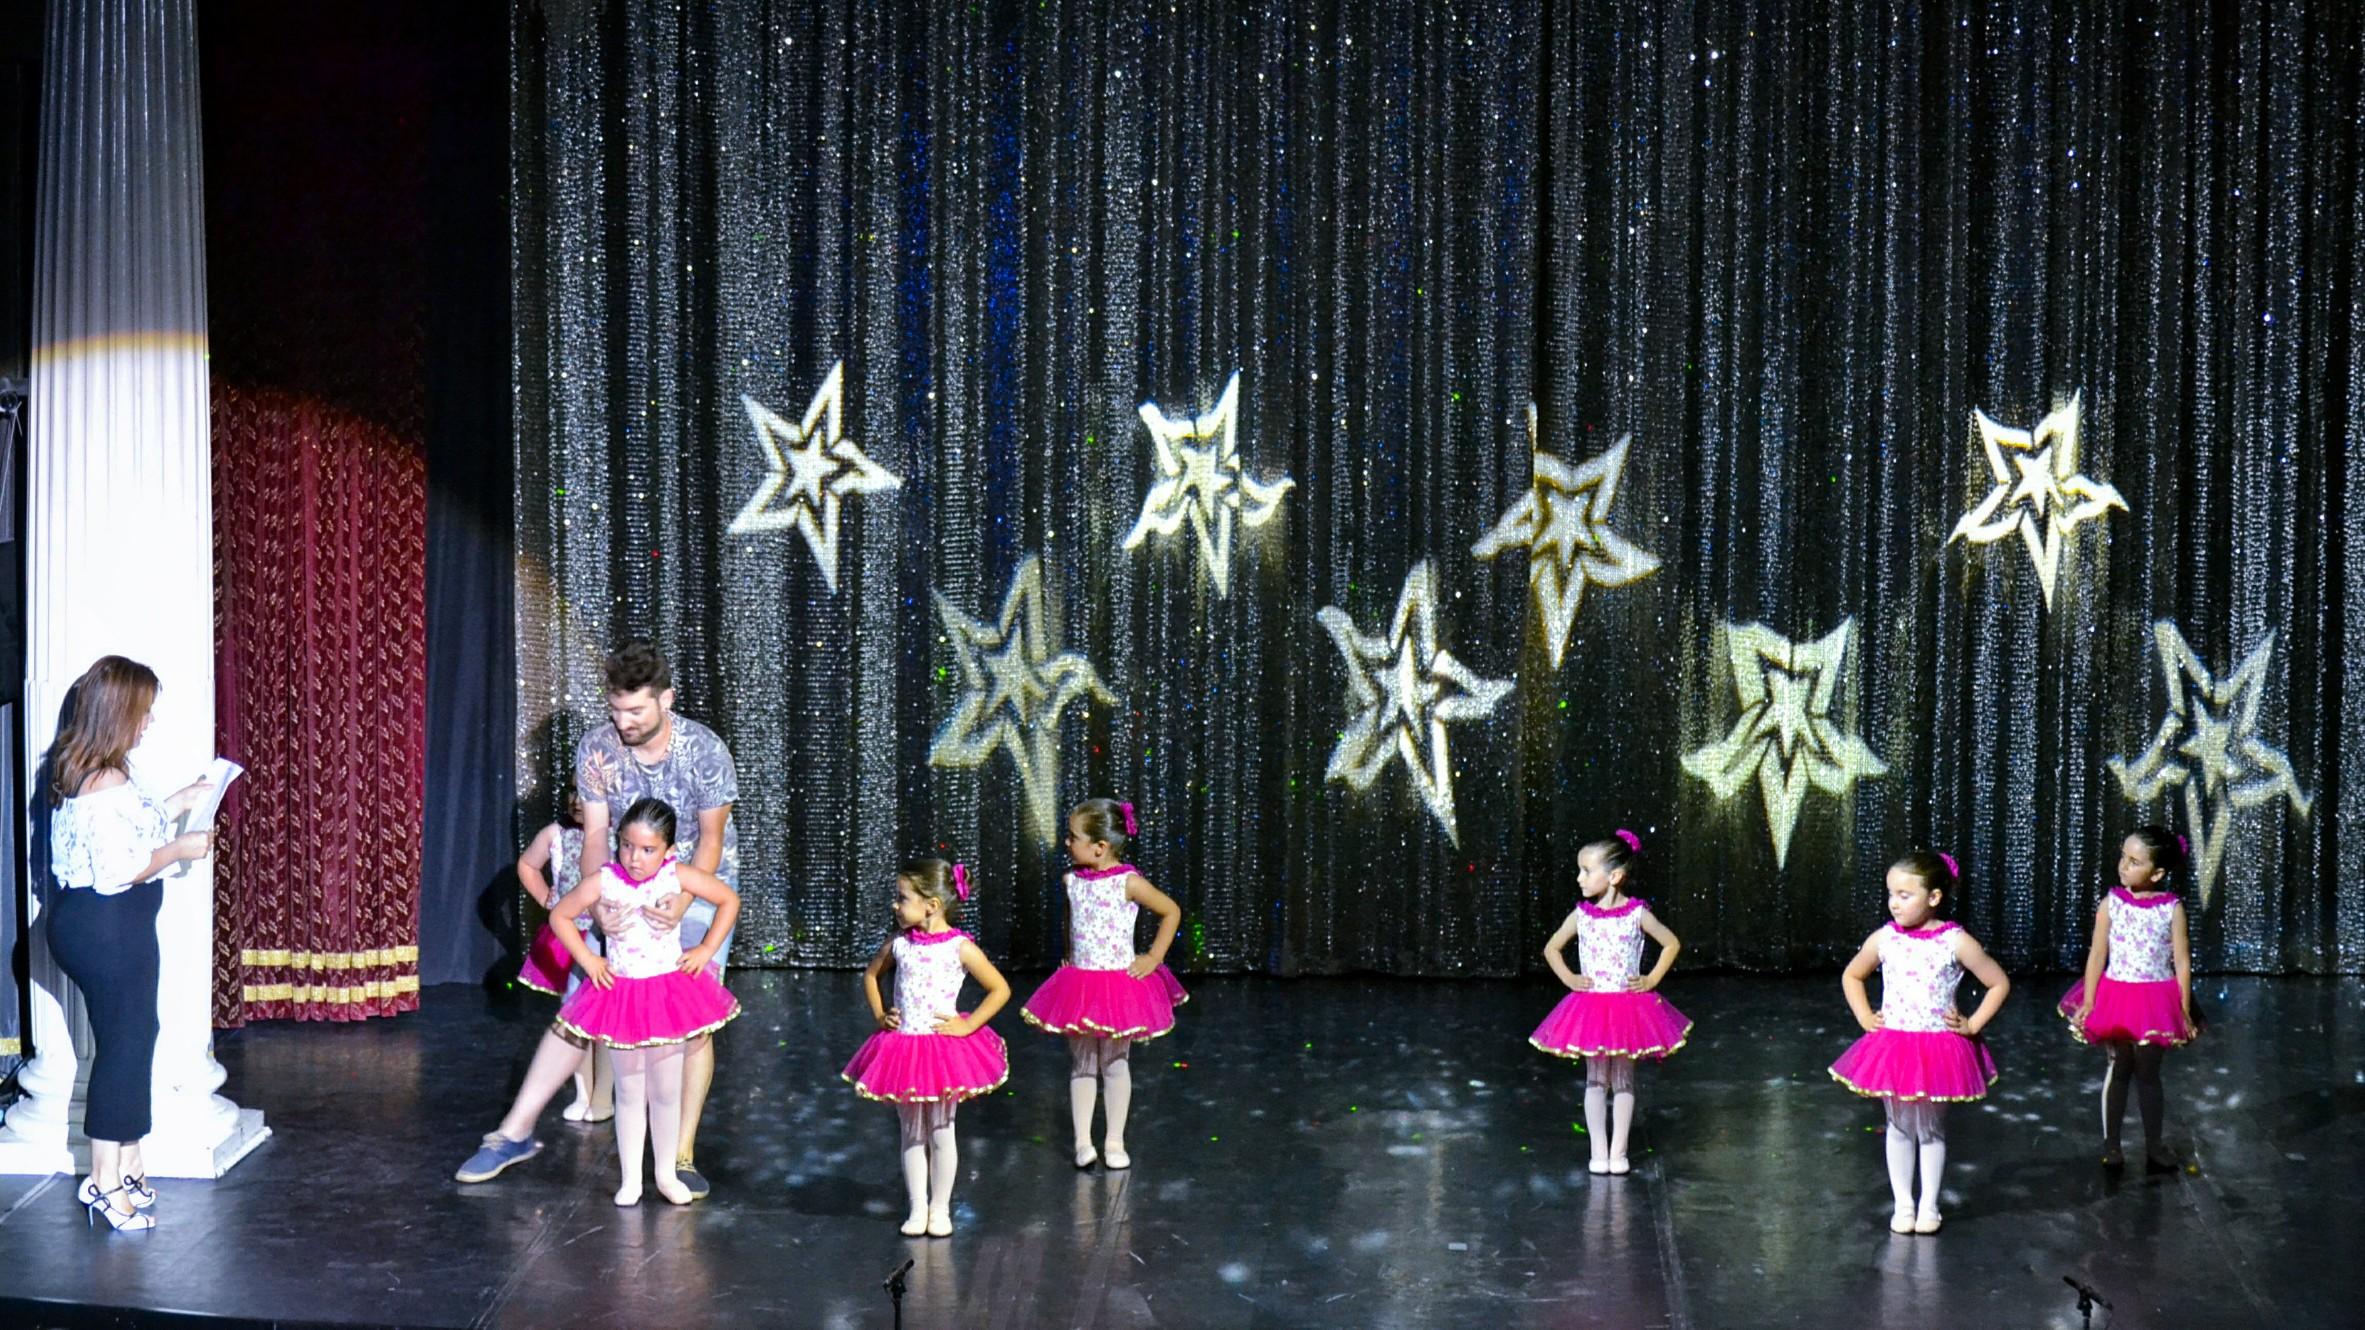 Linea-de-Baile-festival-verano-2015-clases-de-baile-valencia-24